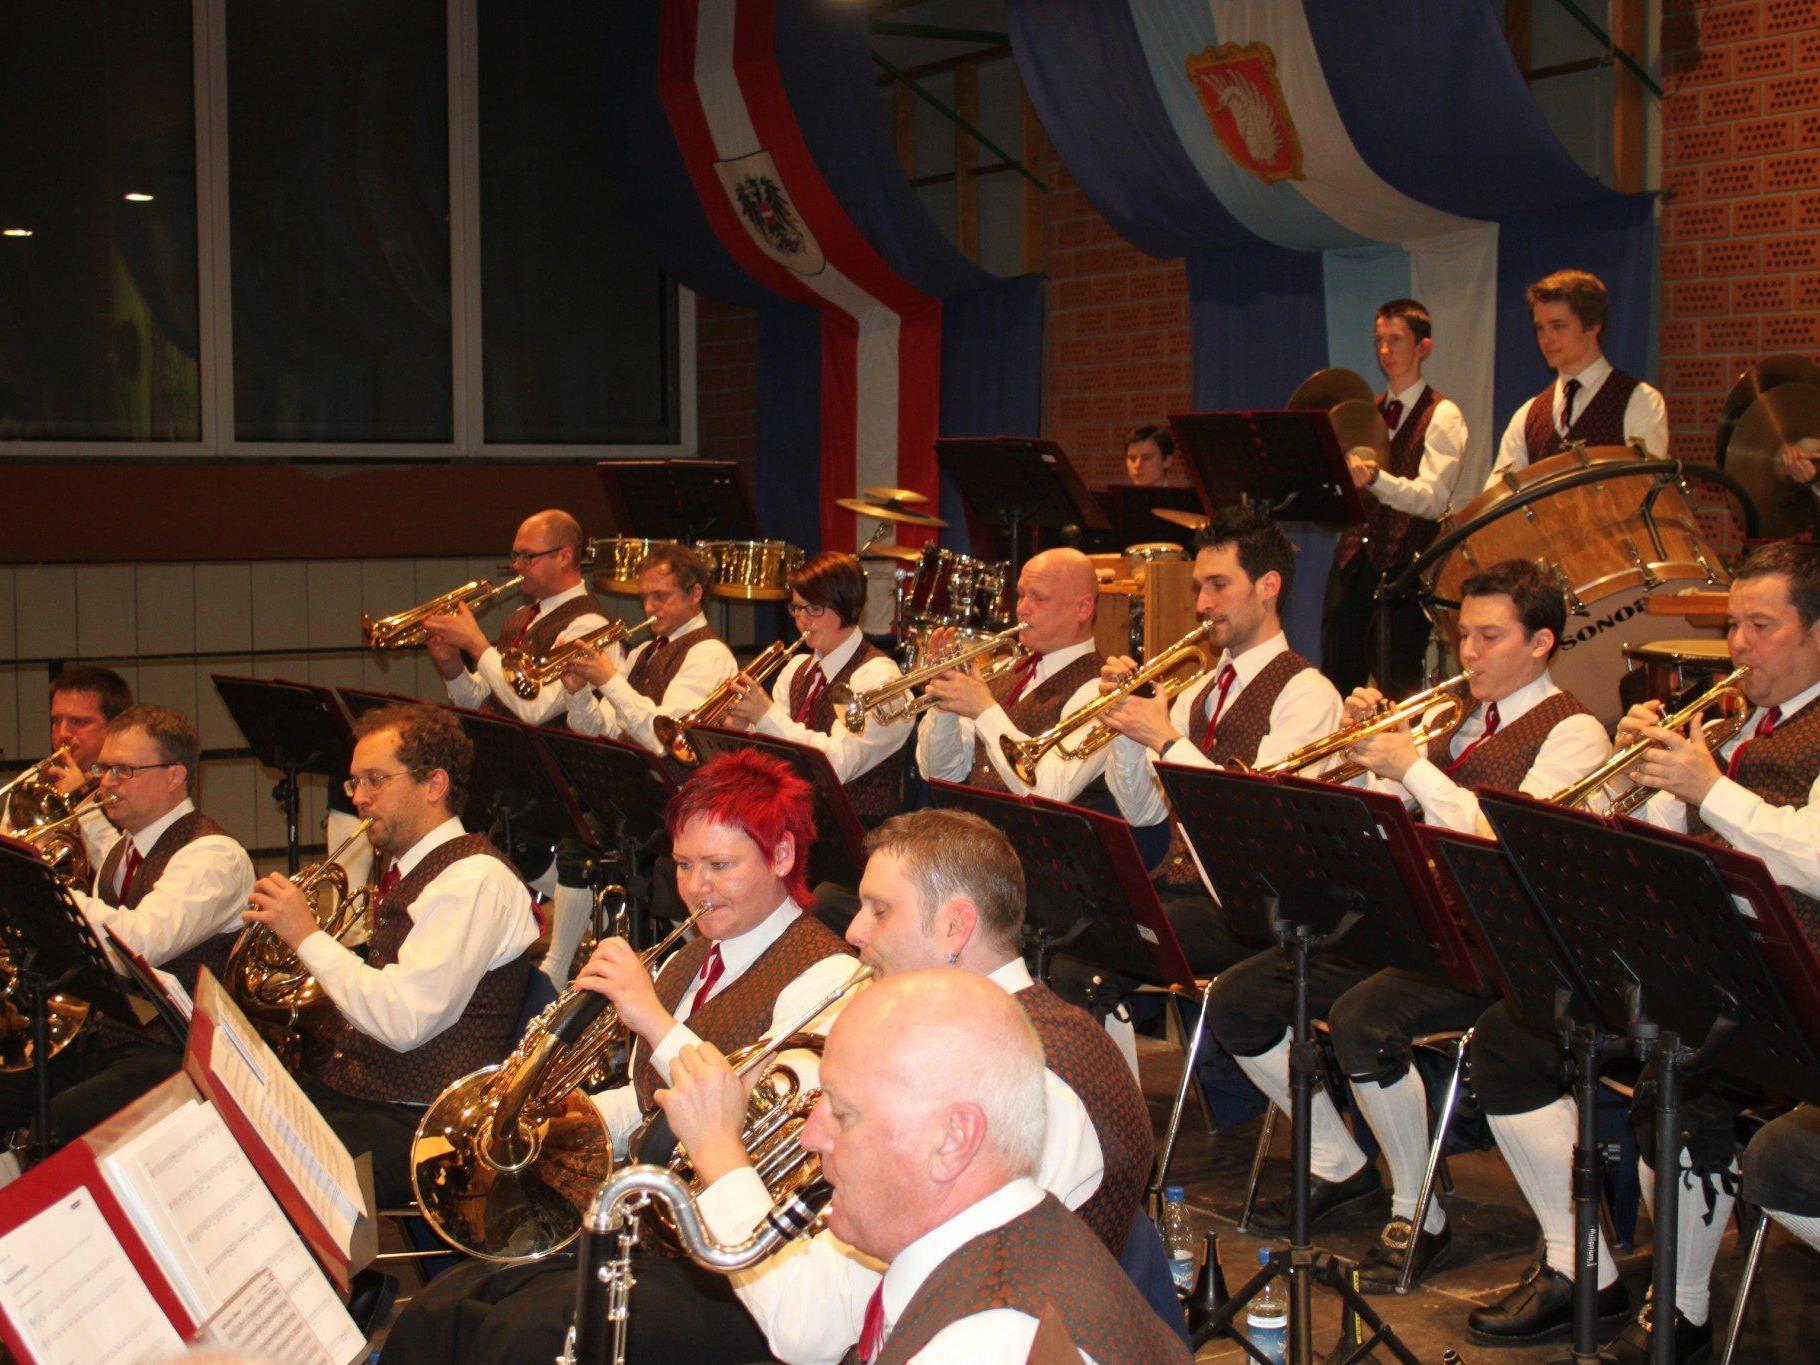 """Die Lochauer Musikanten begeisterten mit einem kraftvollen """"Frühlingskonzert"""" ihre Zuhörer."""